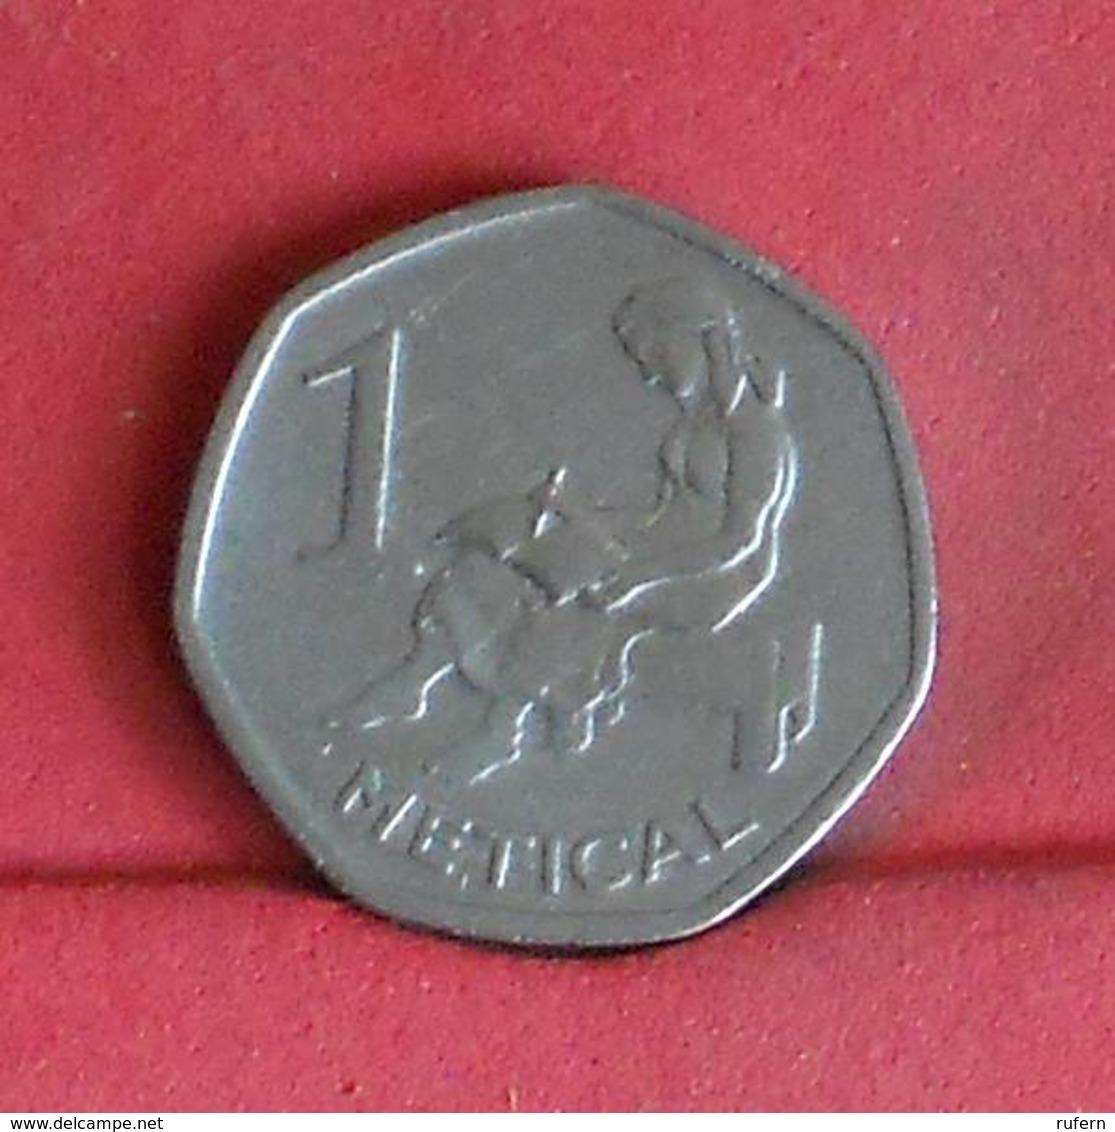 MOZAMBIQUE 1 METICAL 2006 -    KM# 137 - (Nº27286) - Mozambique